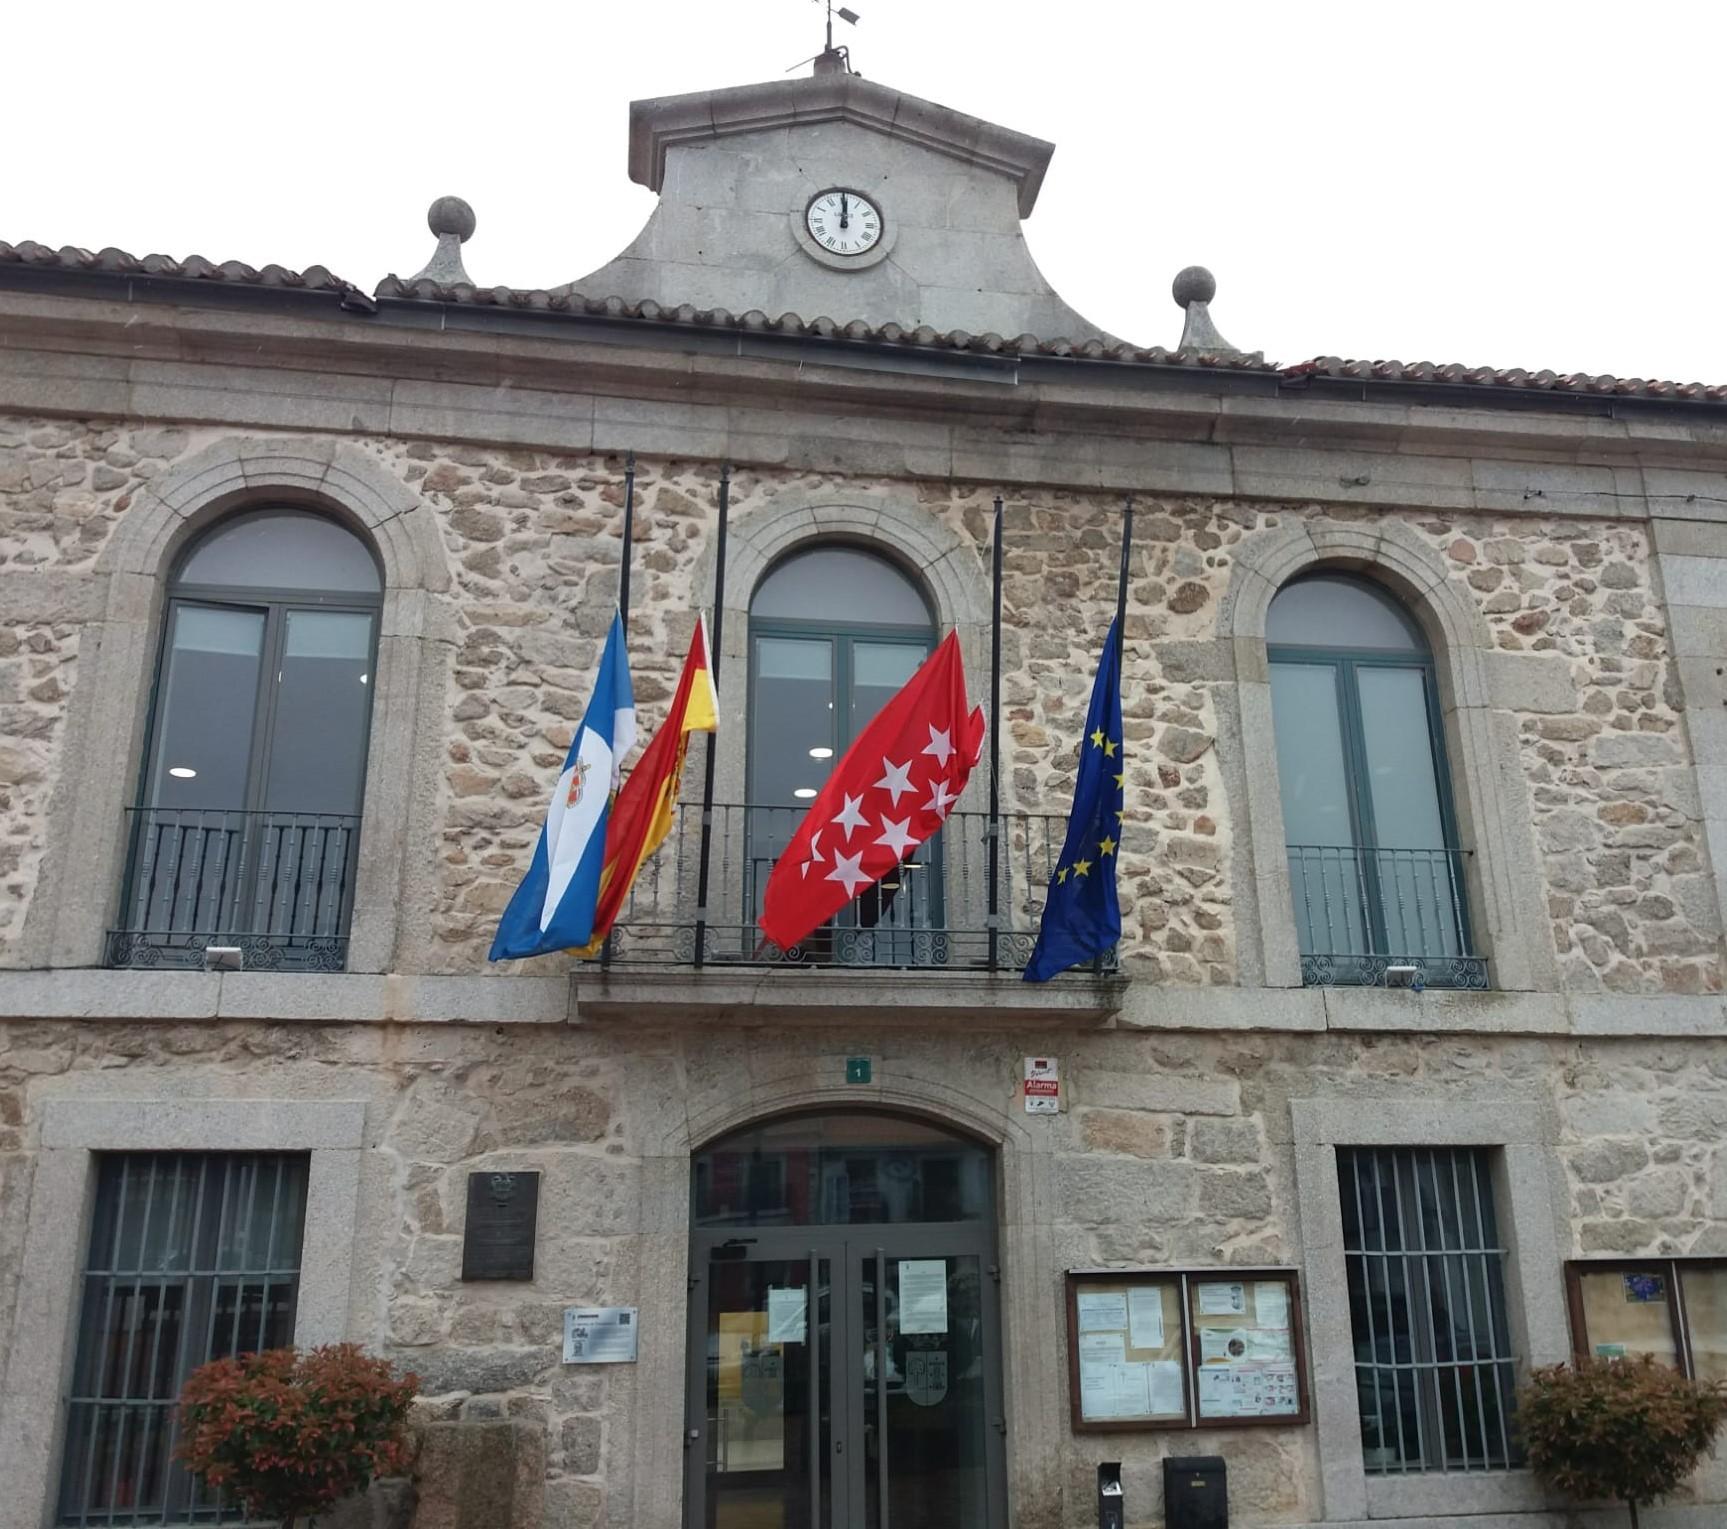 La Junta de Portavoces abordó los nuevos aspectos de interés relativos a la crisis sanitaria del coronavirus en Valdemorillo  en su reunión semanal de seguimiento